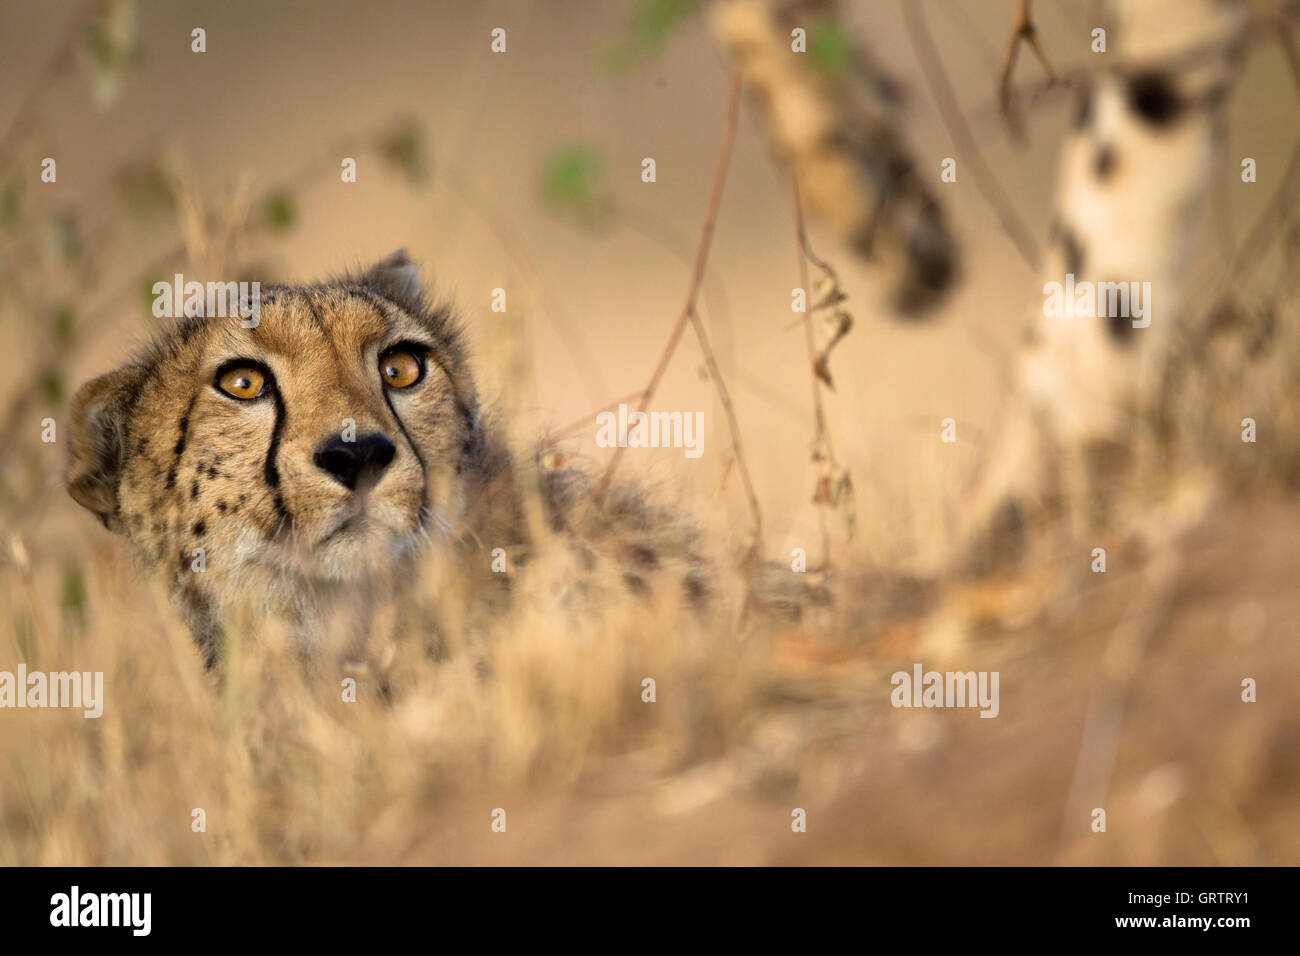 Cheetah looking up - Stock Image